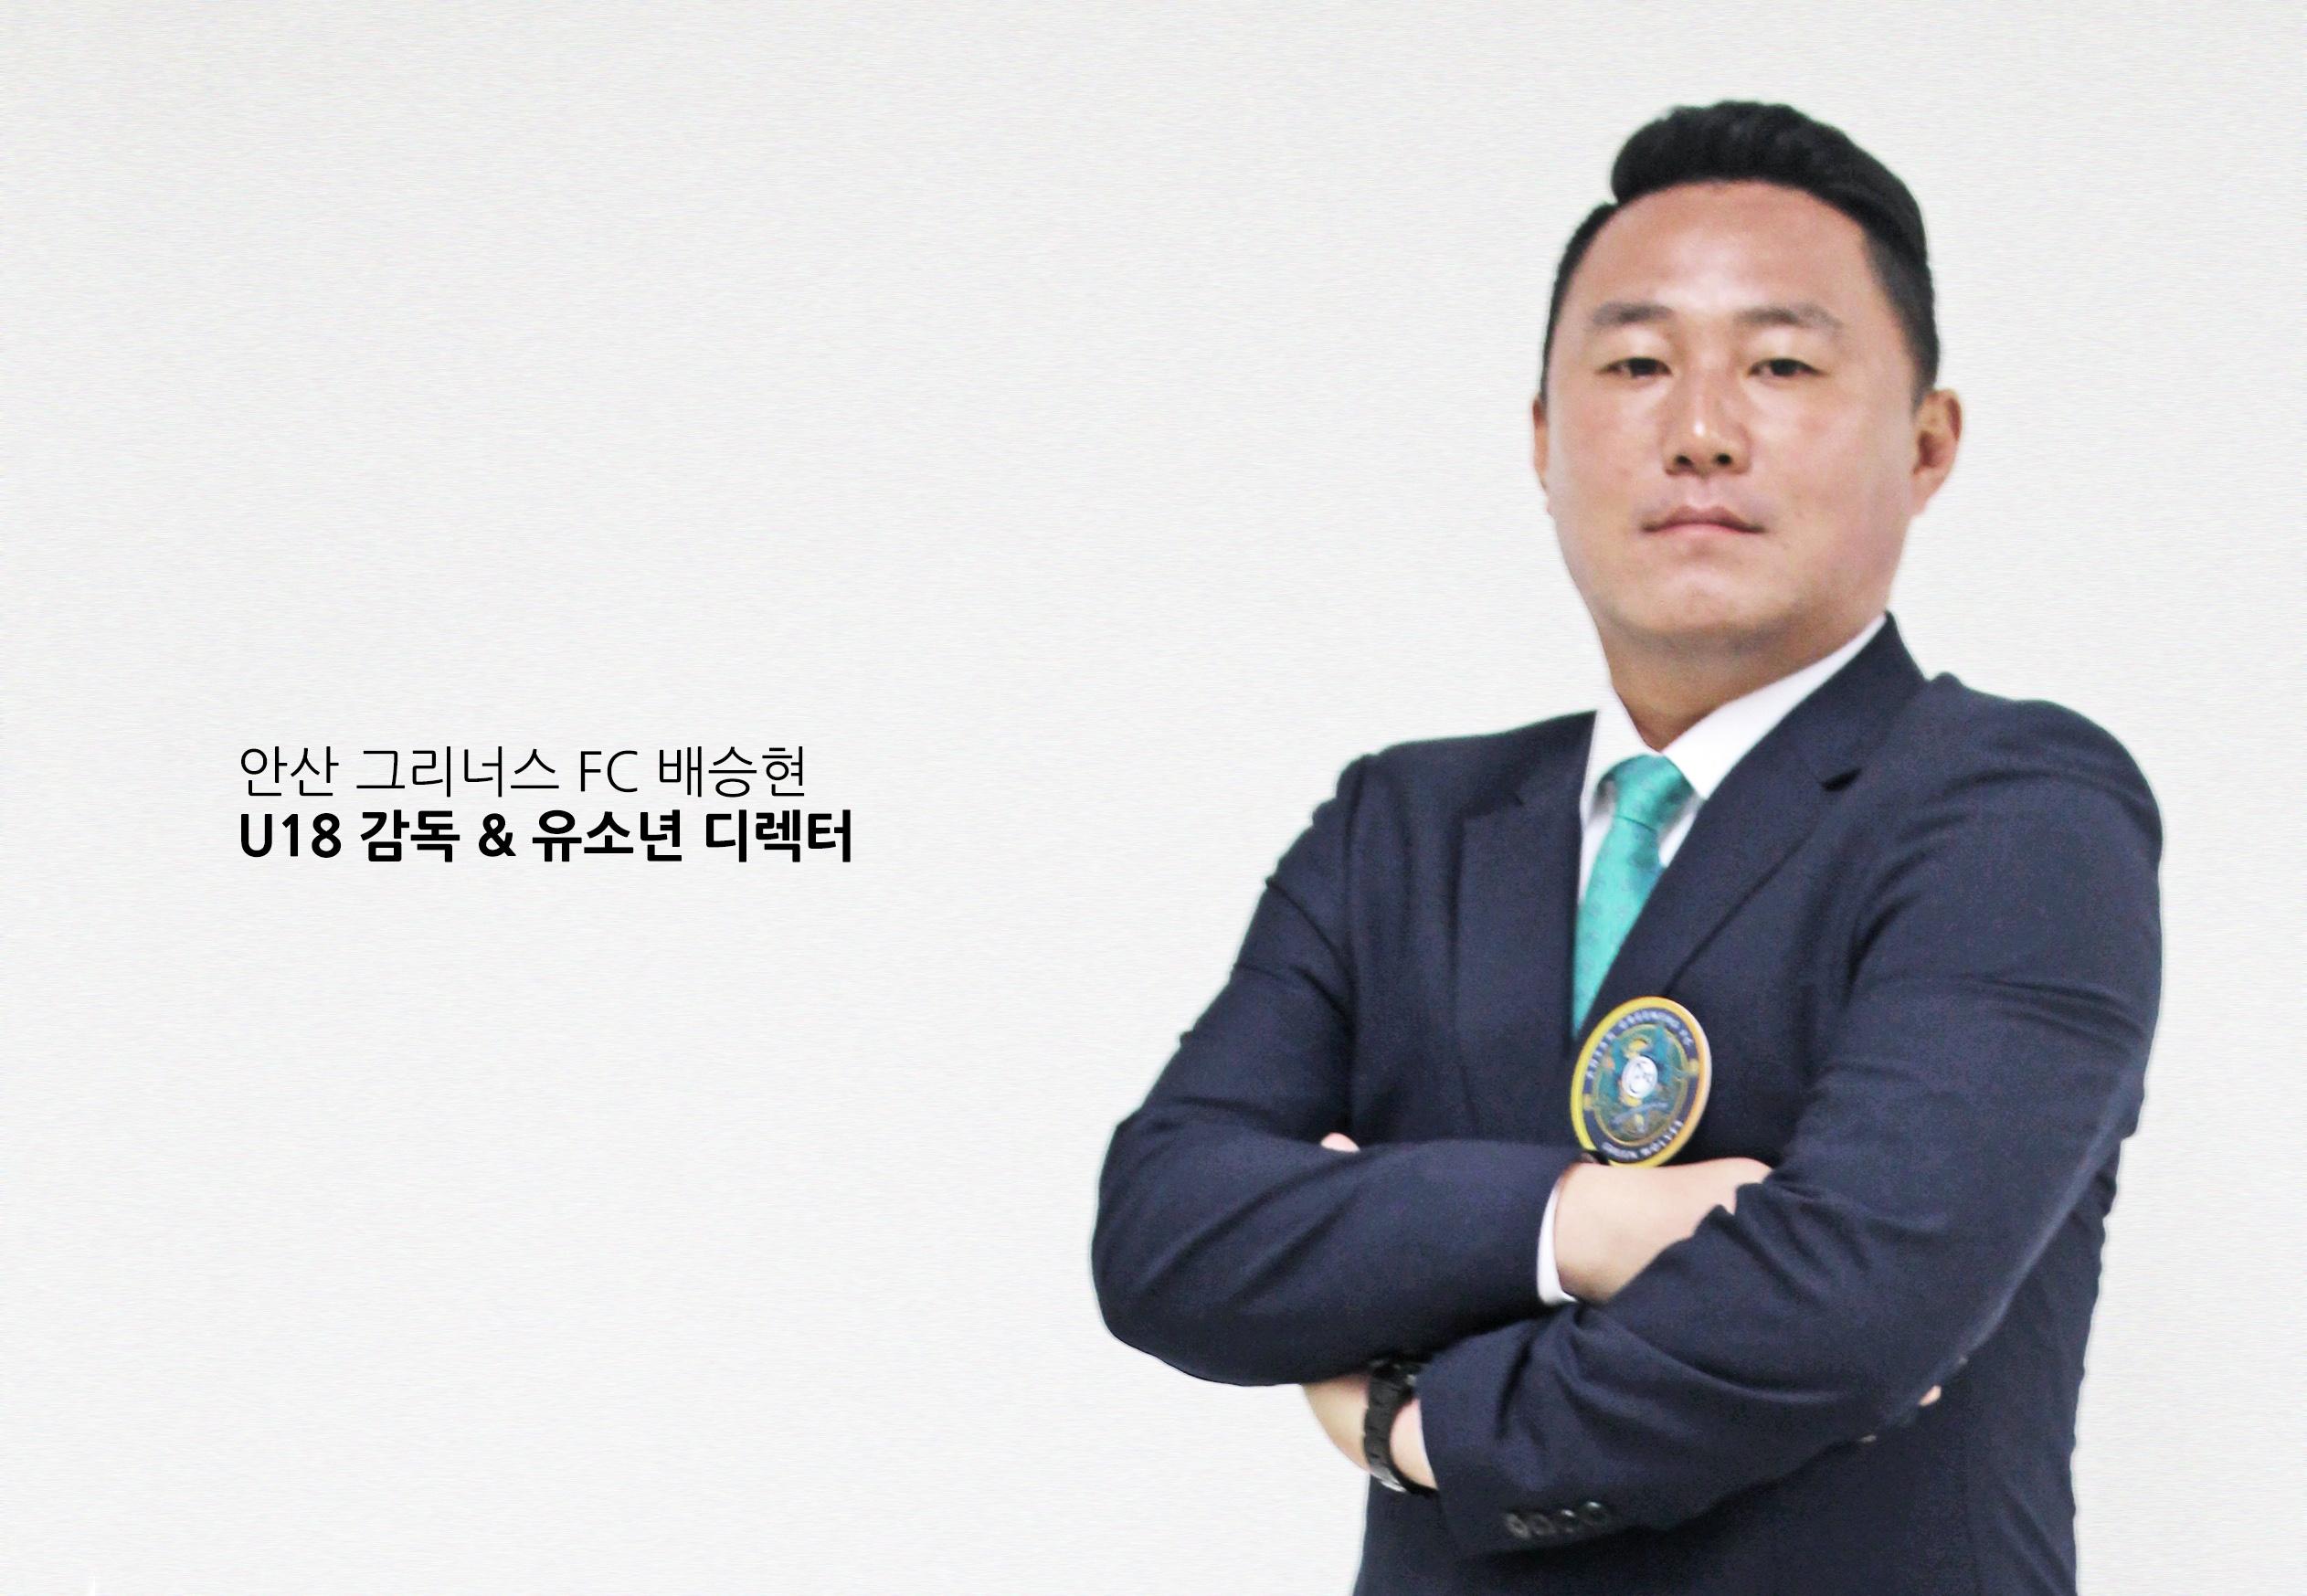 안산, 유소년 디렉터로 배승현 U-18 감독 선임